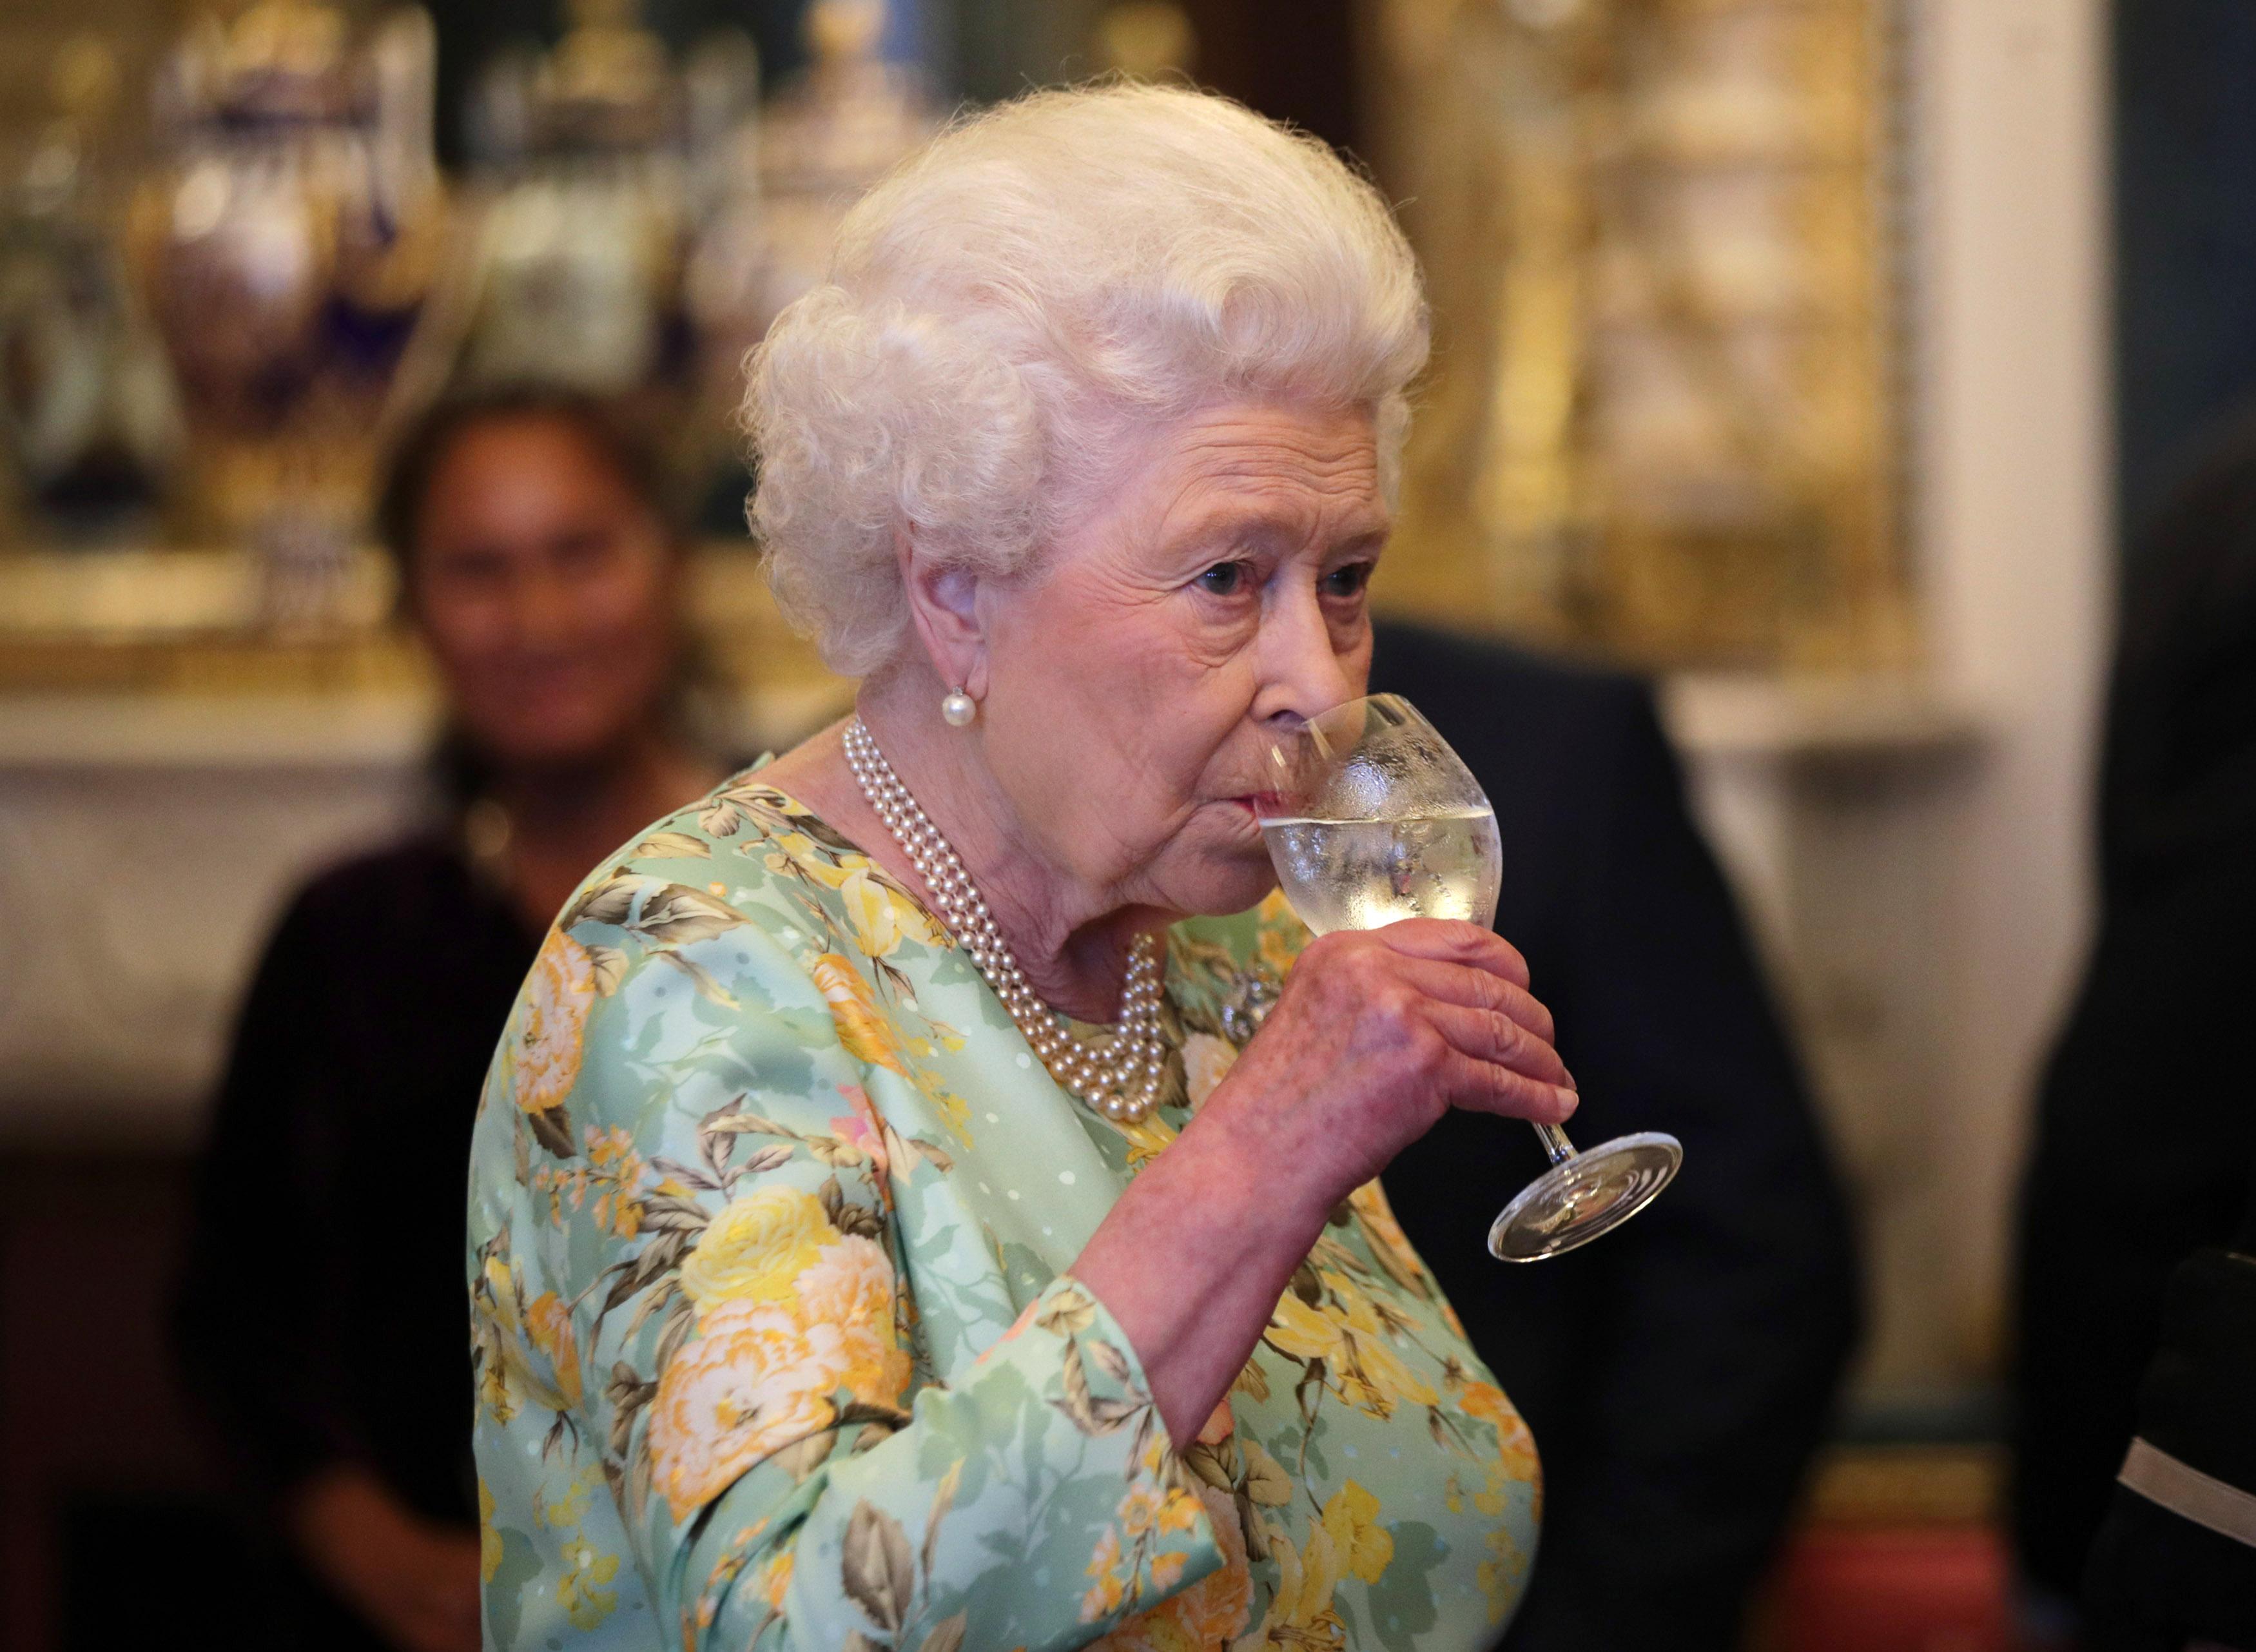 <p><strong>9. Побързайте да хапнете преди кралицата</strong></p>  <p>Всички членове на кралското семейство, както и тези, които имат достатъчно късмет да вечерят с Нейно величество, трябва да са се нахранили преди кралицата да довърши яденето си. Ако тя приключи и постави приборите до чинията, всички останали трябва да направят същото. Никаква справедливост! Но за хората със синя кръв етикетът е по-важен от глада.</p>  <p>Между другото, има и подсказка - ако чантата на кралицата е на масата, това означава, че след пет минути храненето ще свърши.</p>